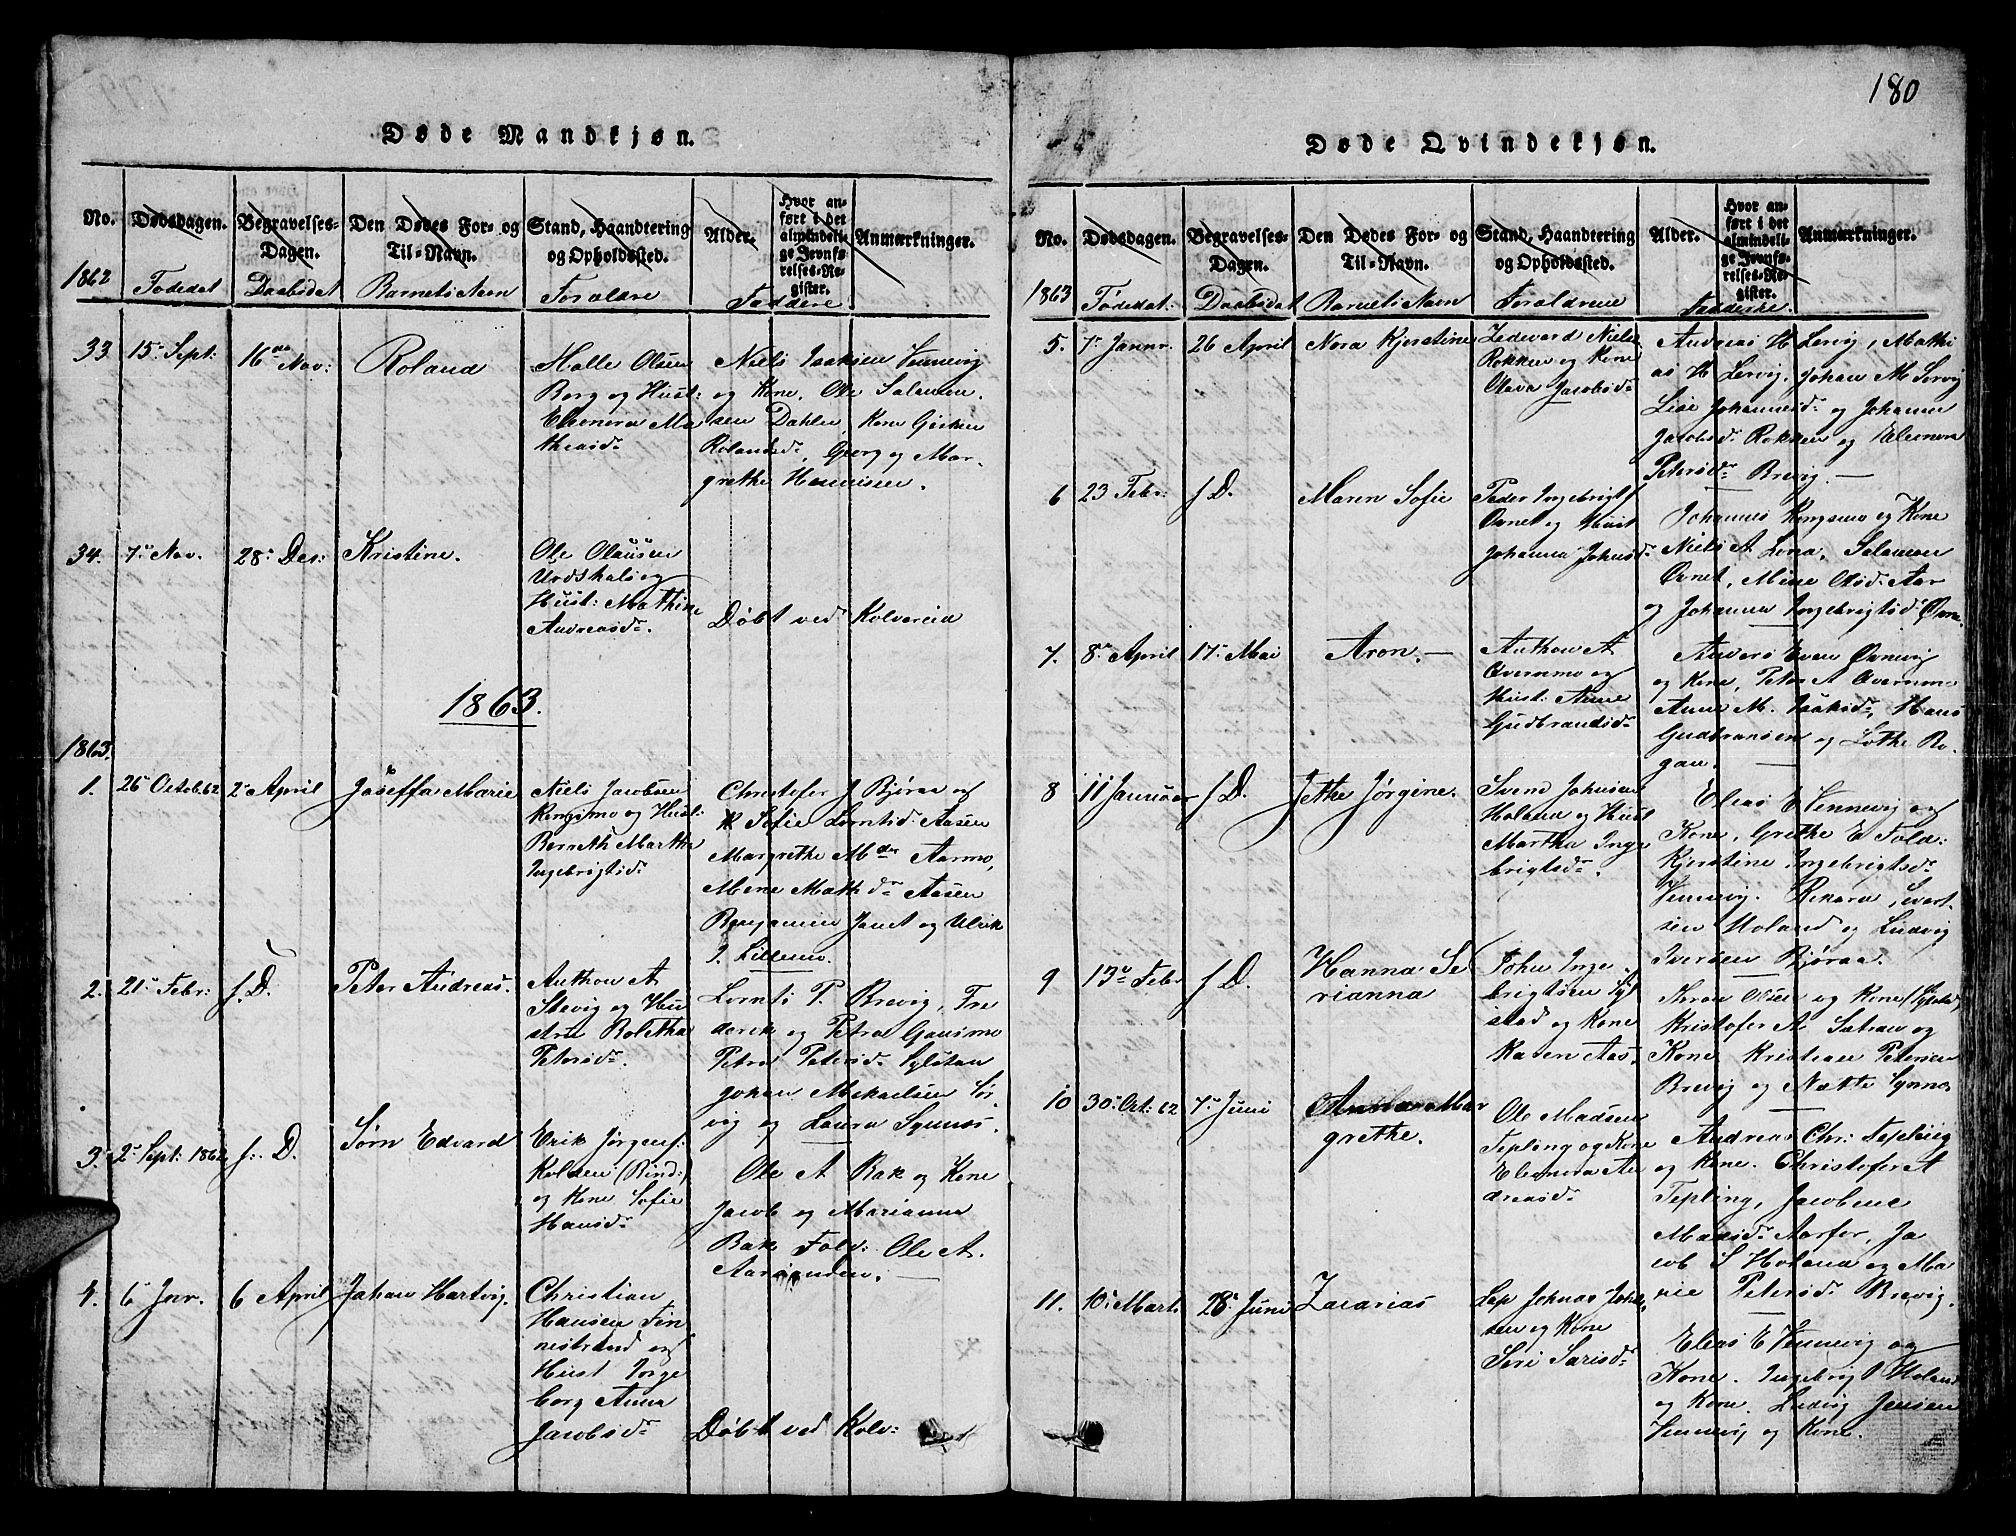 SAT, Ministerialprotokoller, klokkerbøker og fødselsregistre - Nord-Trøndelag, 780/L0648: Klokkerbok nr. 780C01 /3, 1815-1877, s. 180